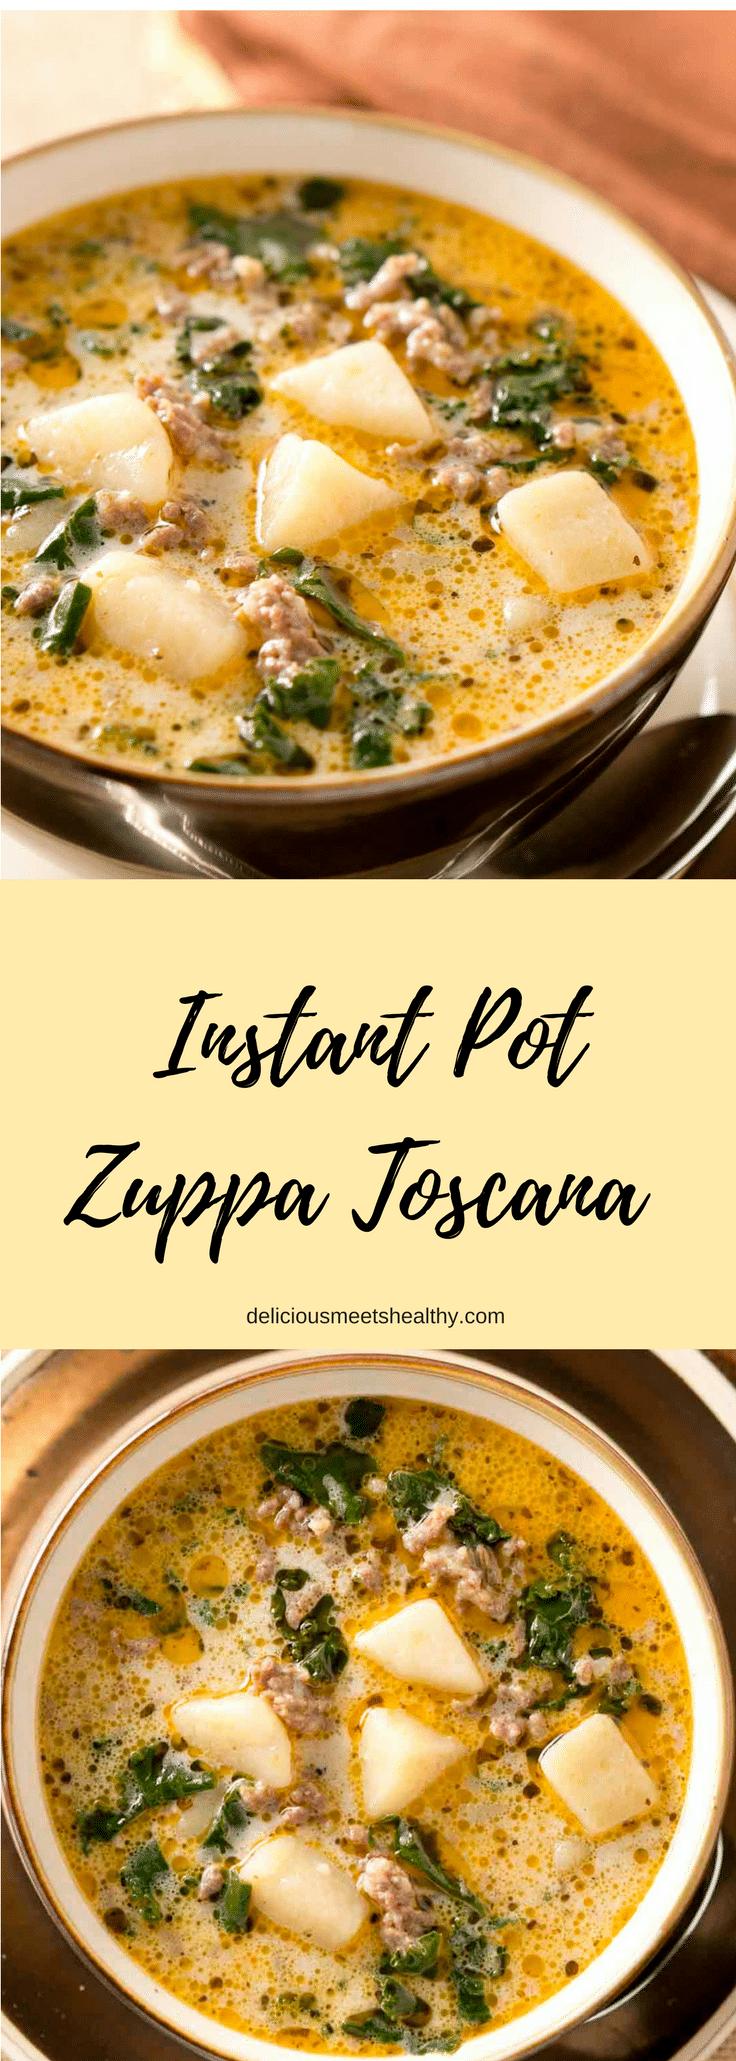 Instant Pot Zuppa Toscana #zuppatoscana #soup #souprecipes #comfortfood #instantpotrecipes